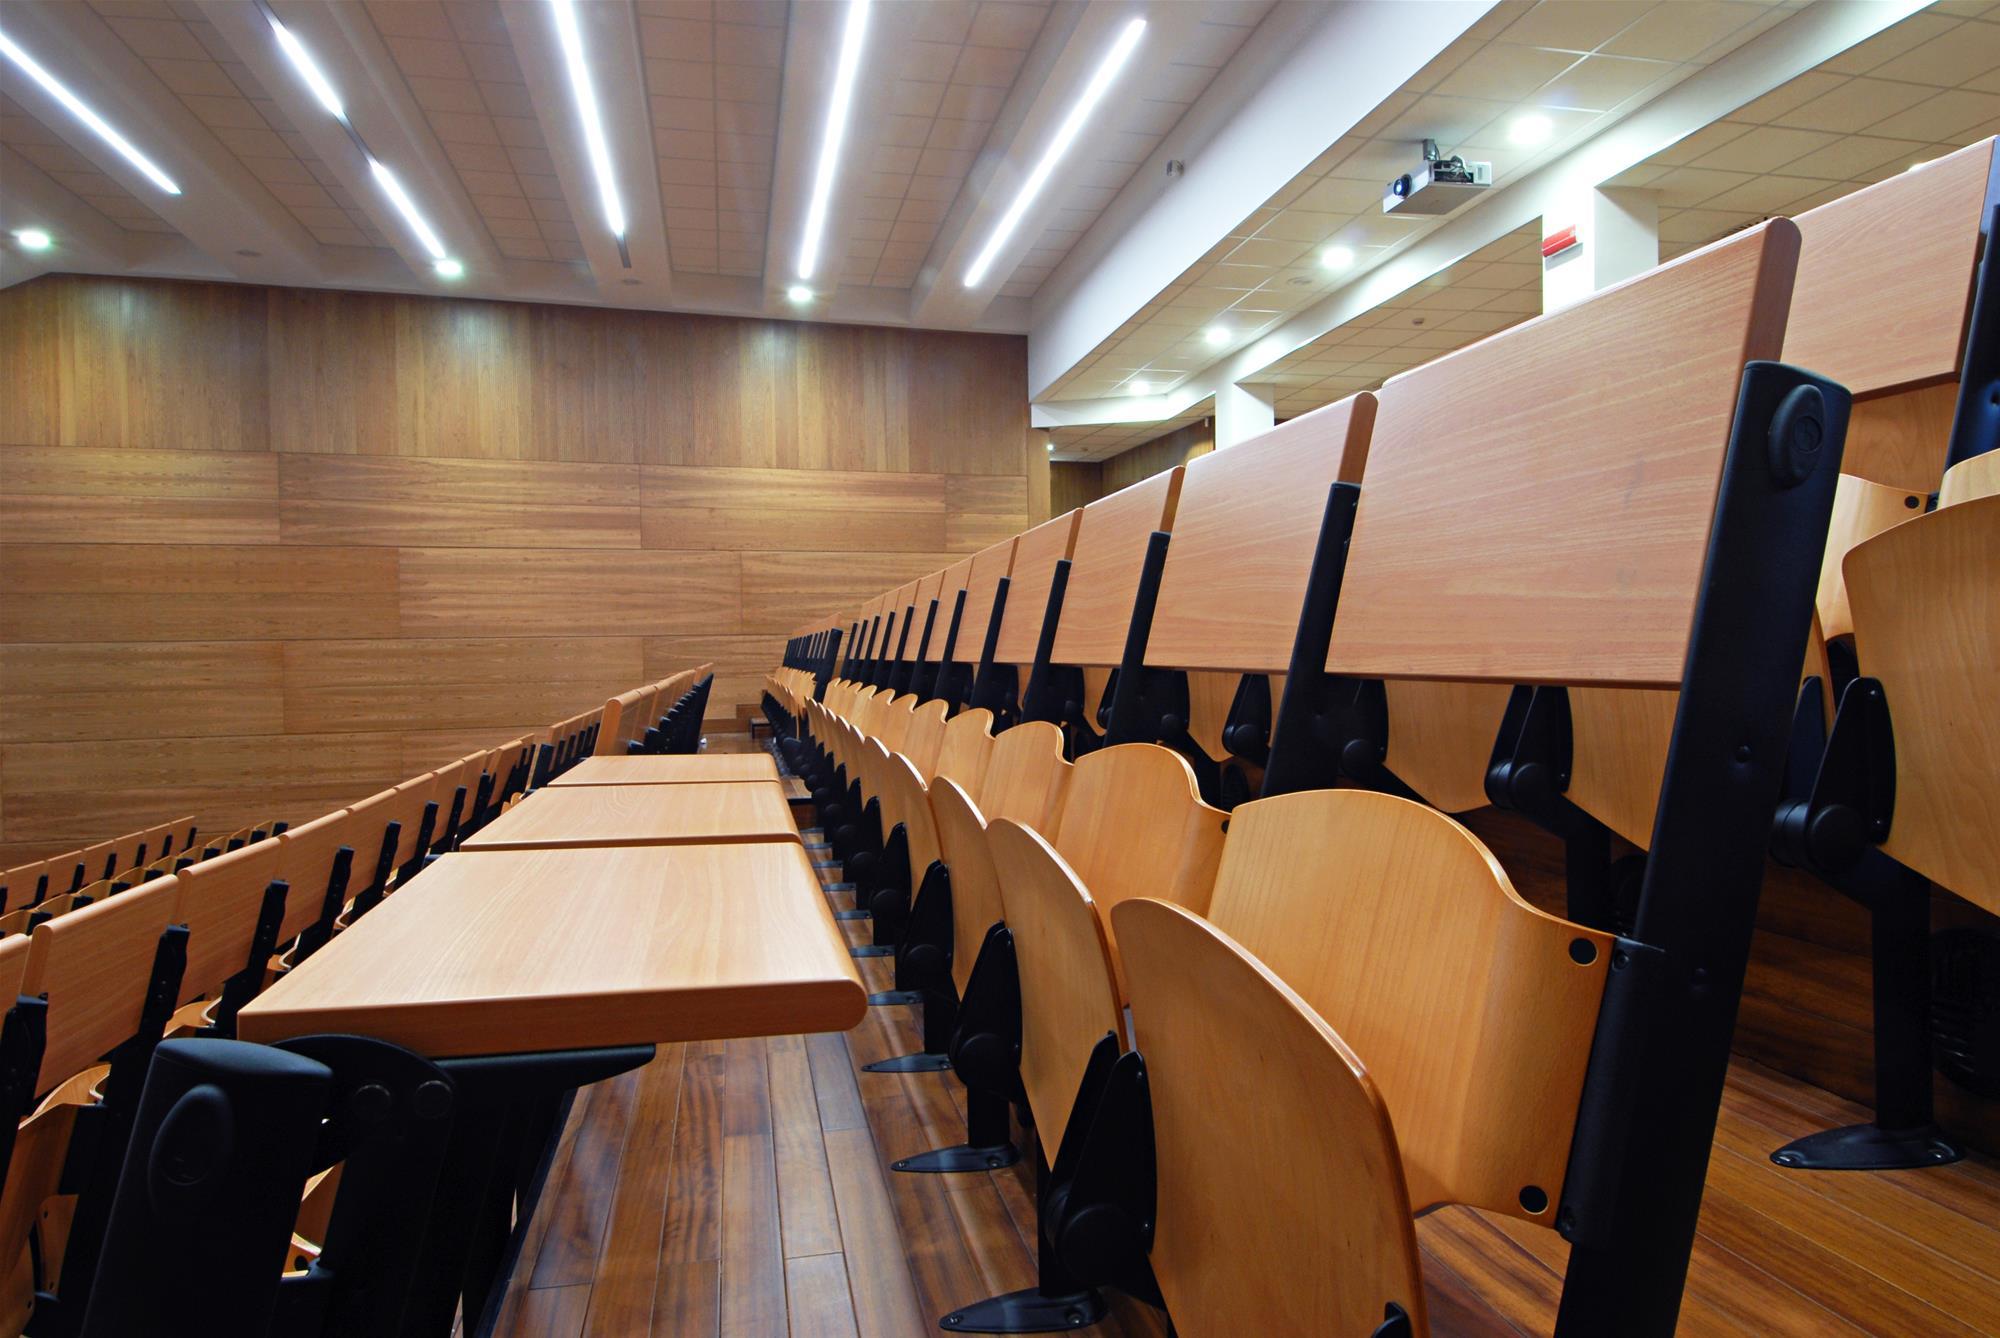 Fauteuils d'auditorium avec tablette rabattable